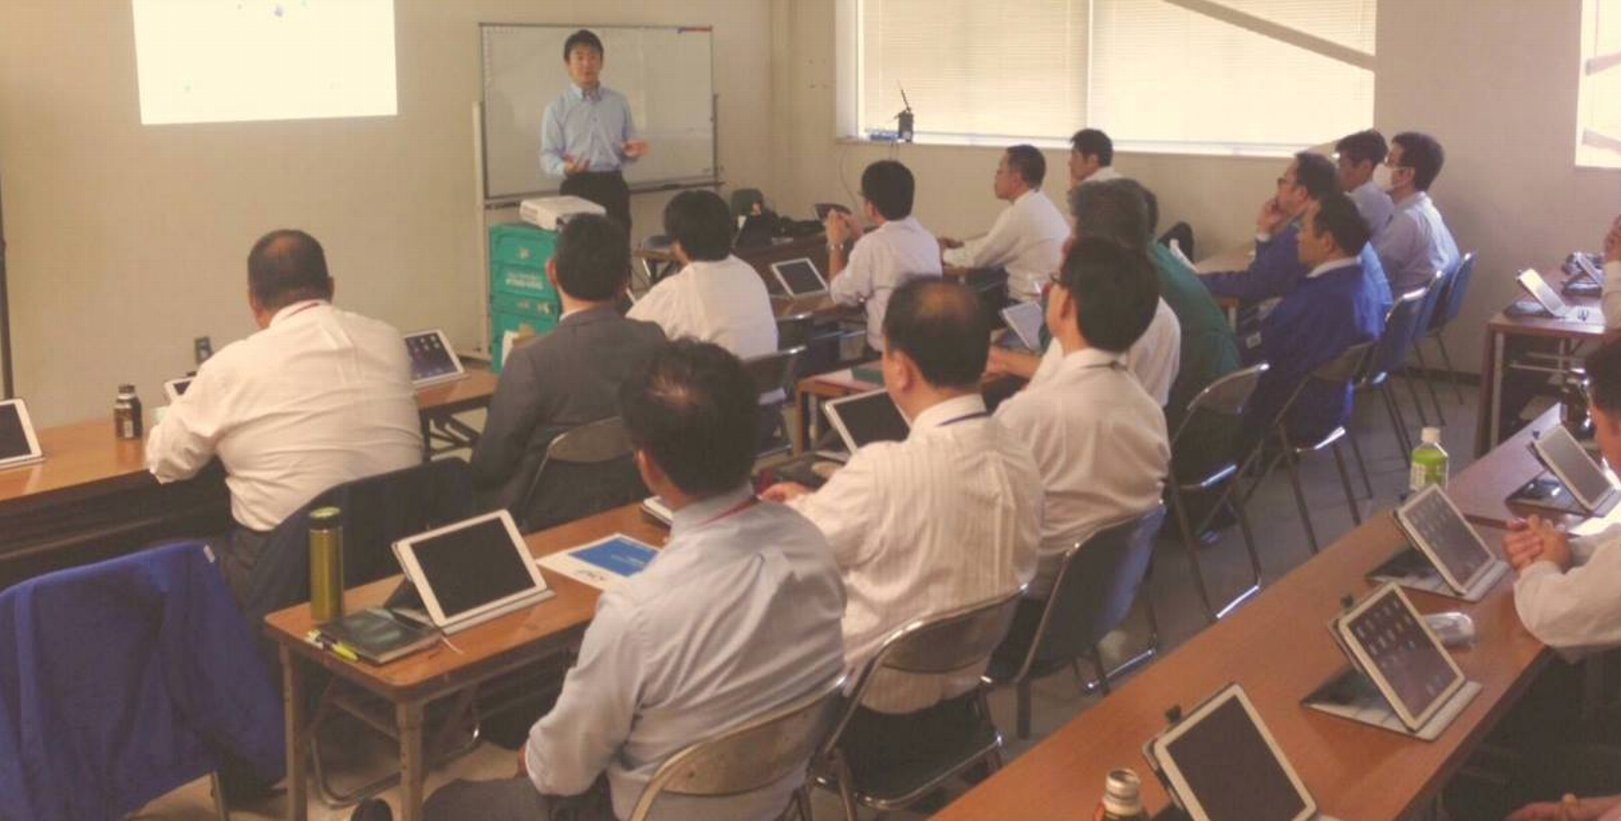 ビジネスiPad活用のイメージ